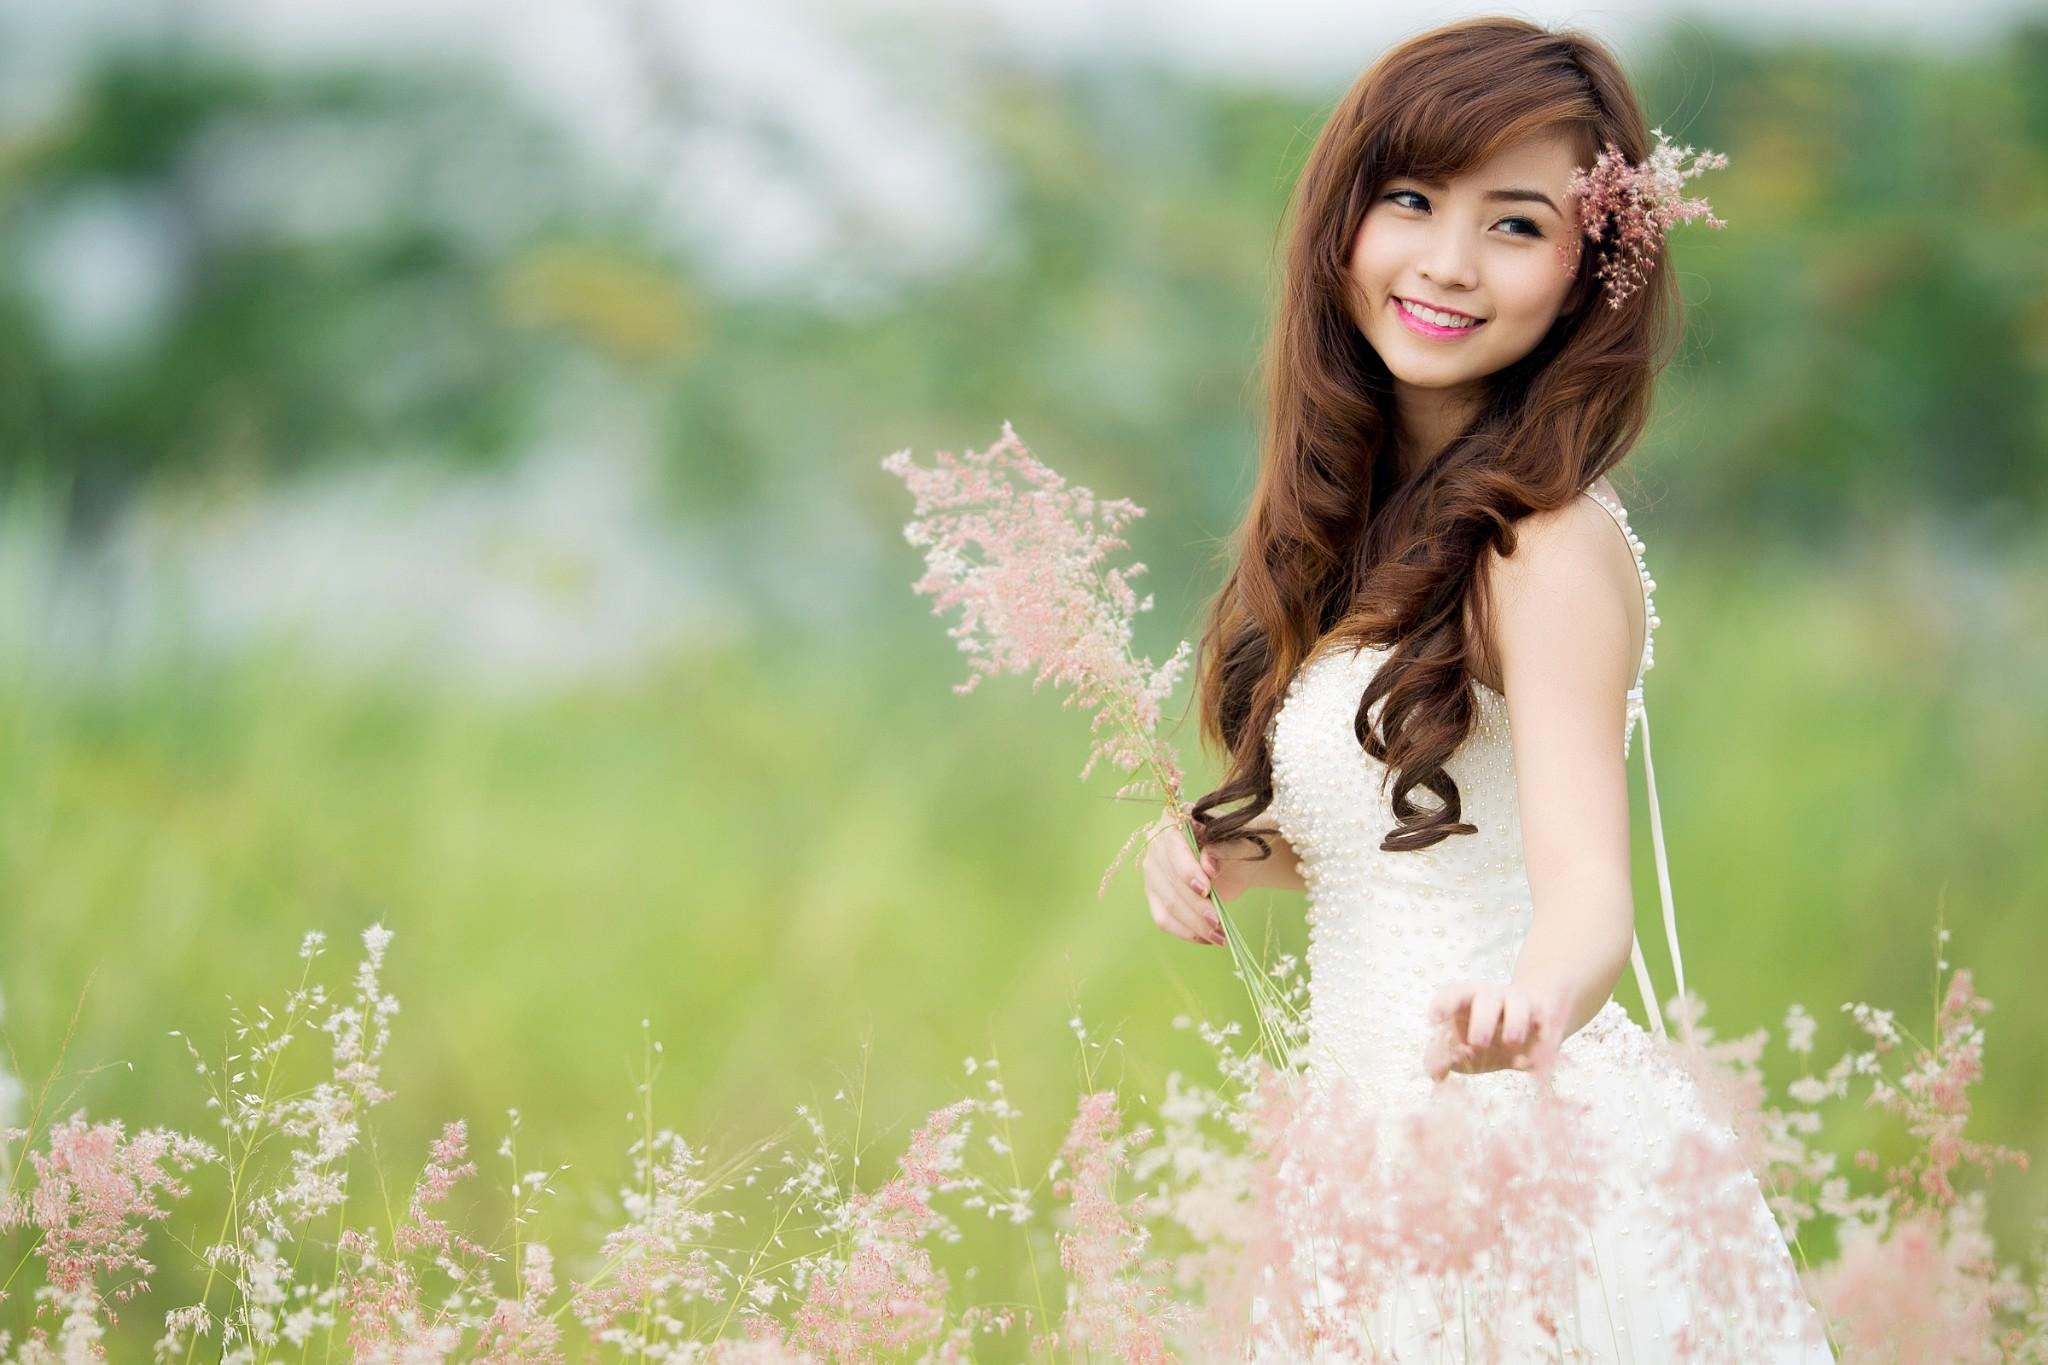 anh-girl-xinh-cuc-de-thuong-lam-hinh-nen-1